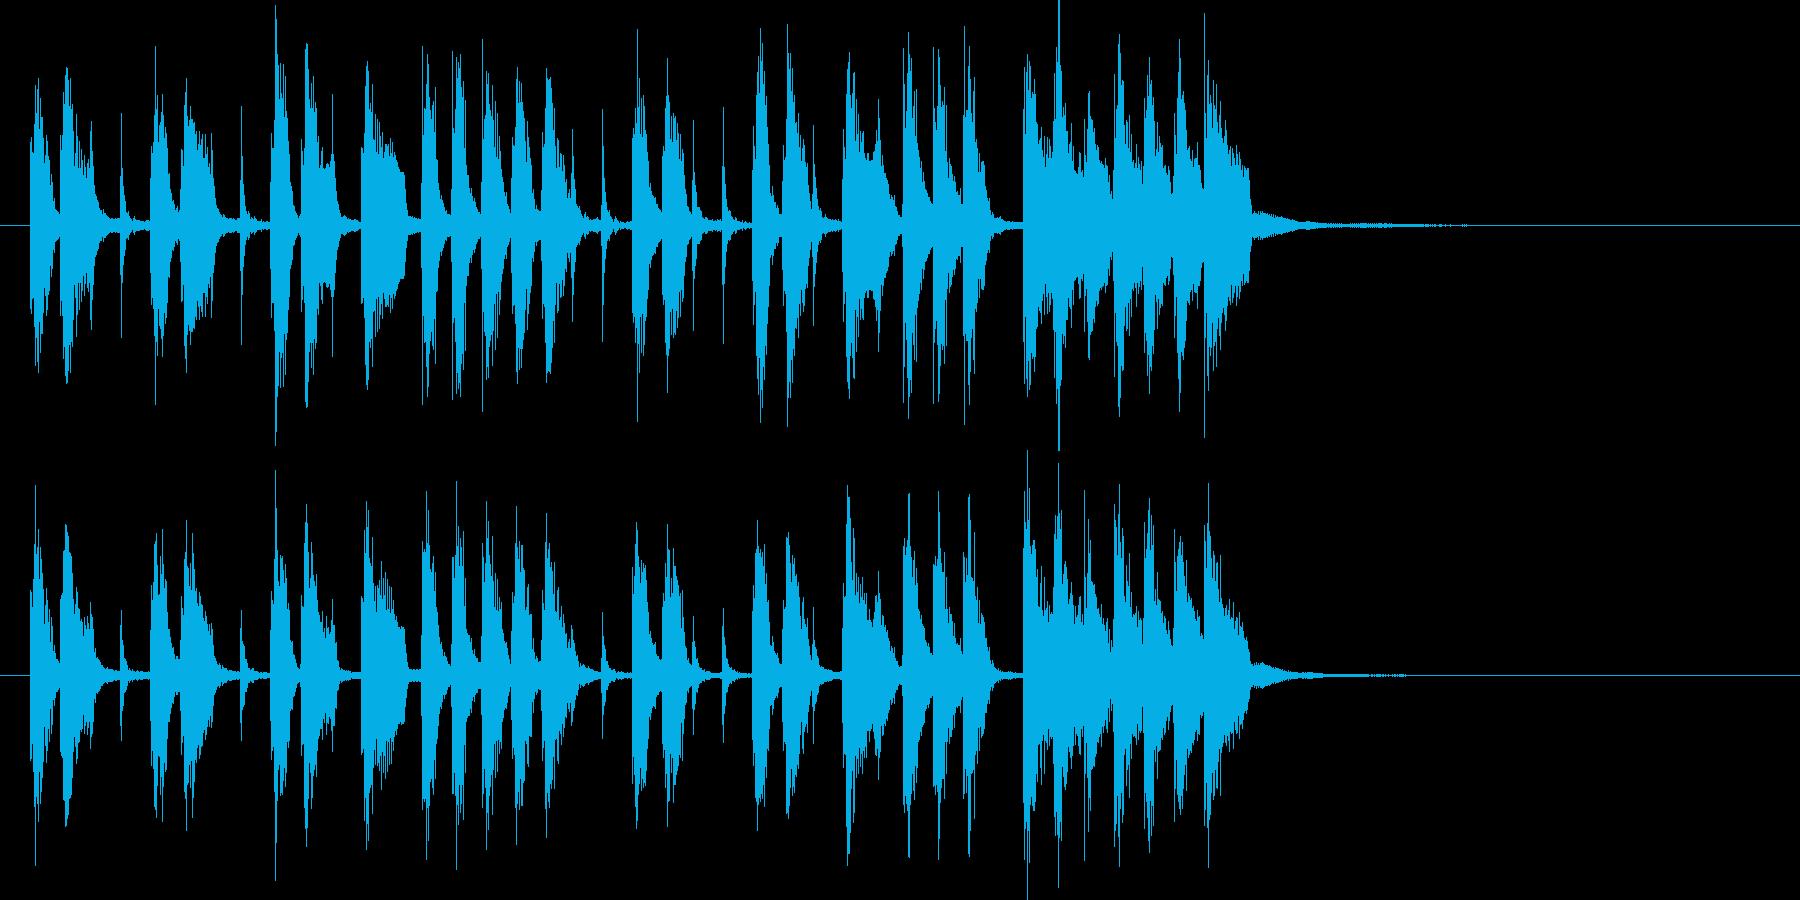 三味線や鼓による渋いブルーノート和楽の再生済みの波形